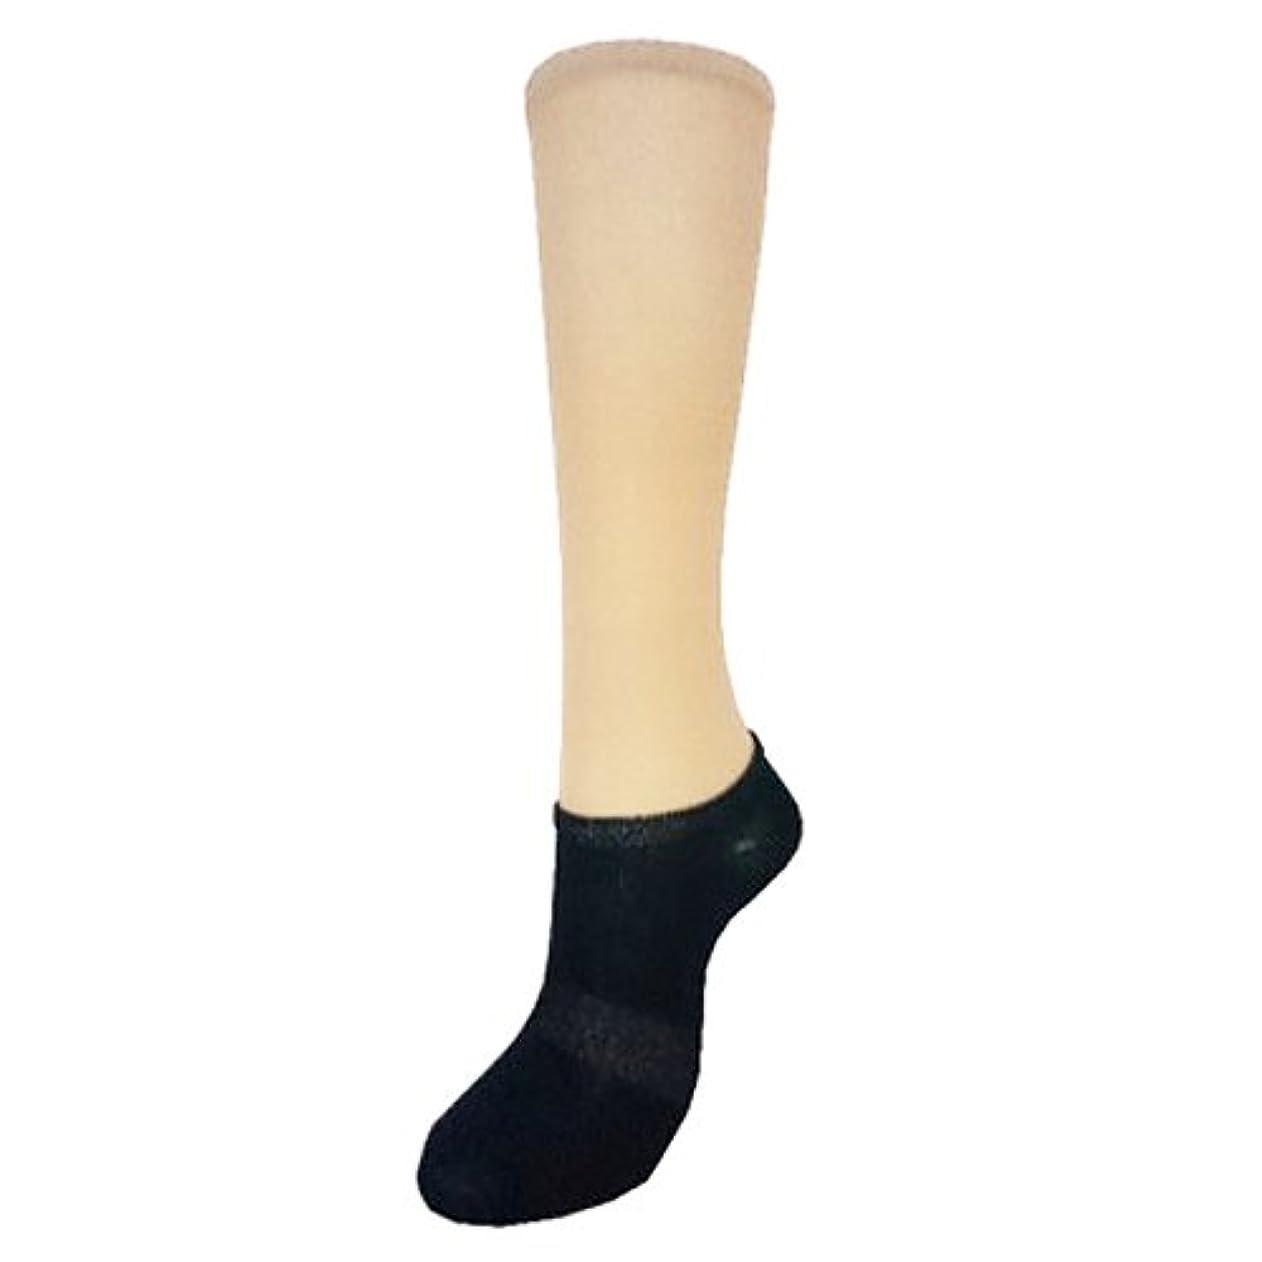 フレットスリチンモイ気まぐれな砂山靴下 ストッキングソックス スニーカーソックスタイプ ブラック